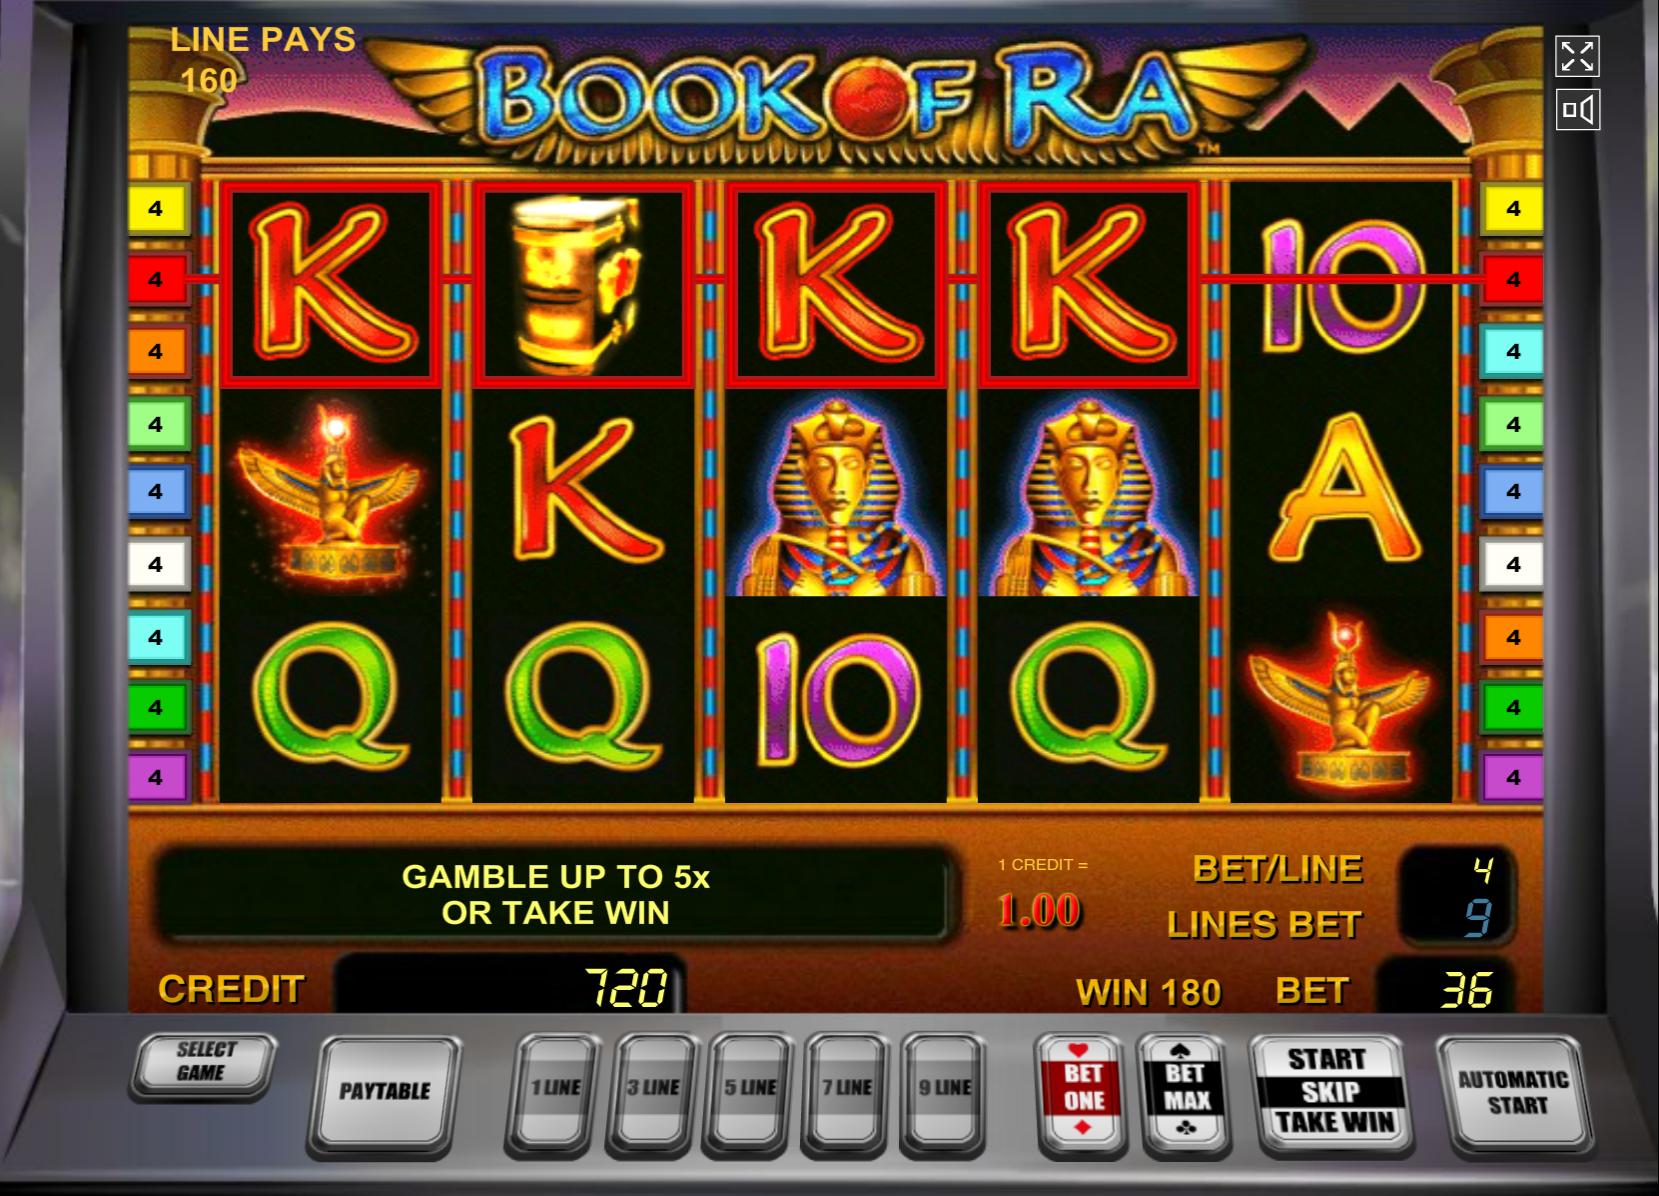 Играть в игровые автоматы бесплатно кн хочу поиграть в казино но денег нет